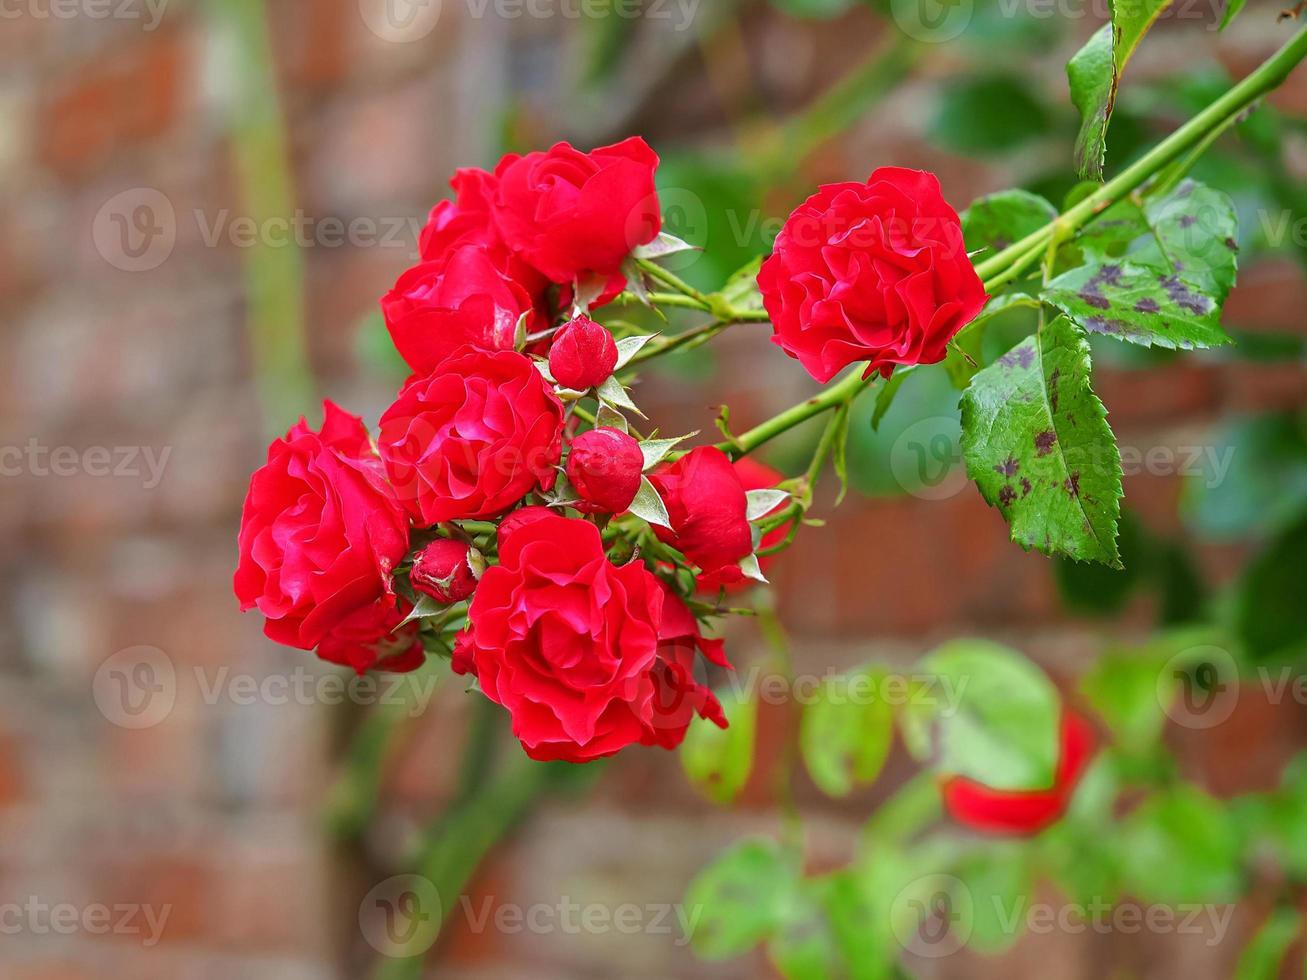 Rosas rojas floreciendo contra una pared de ladrillos foto